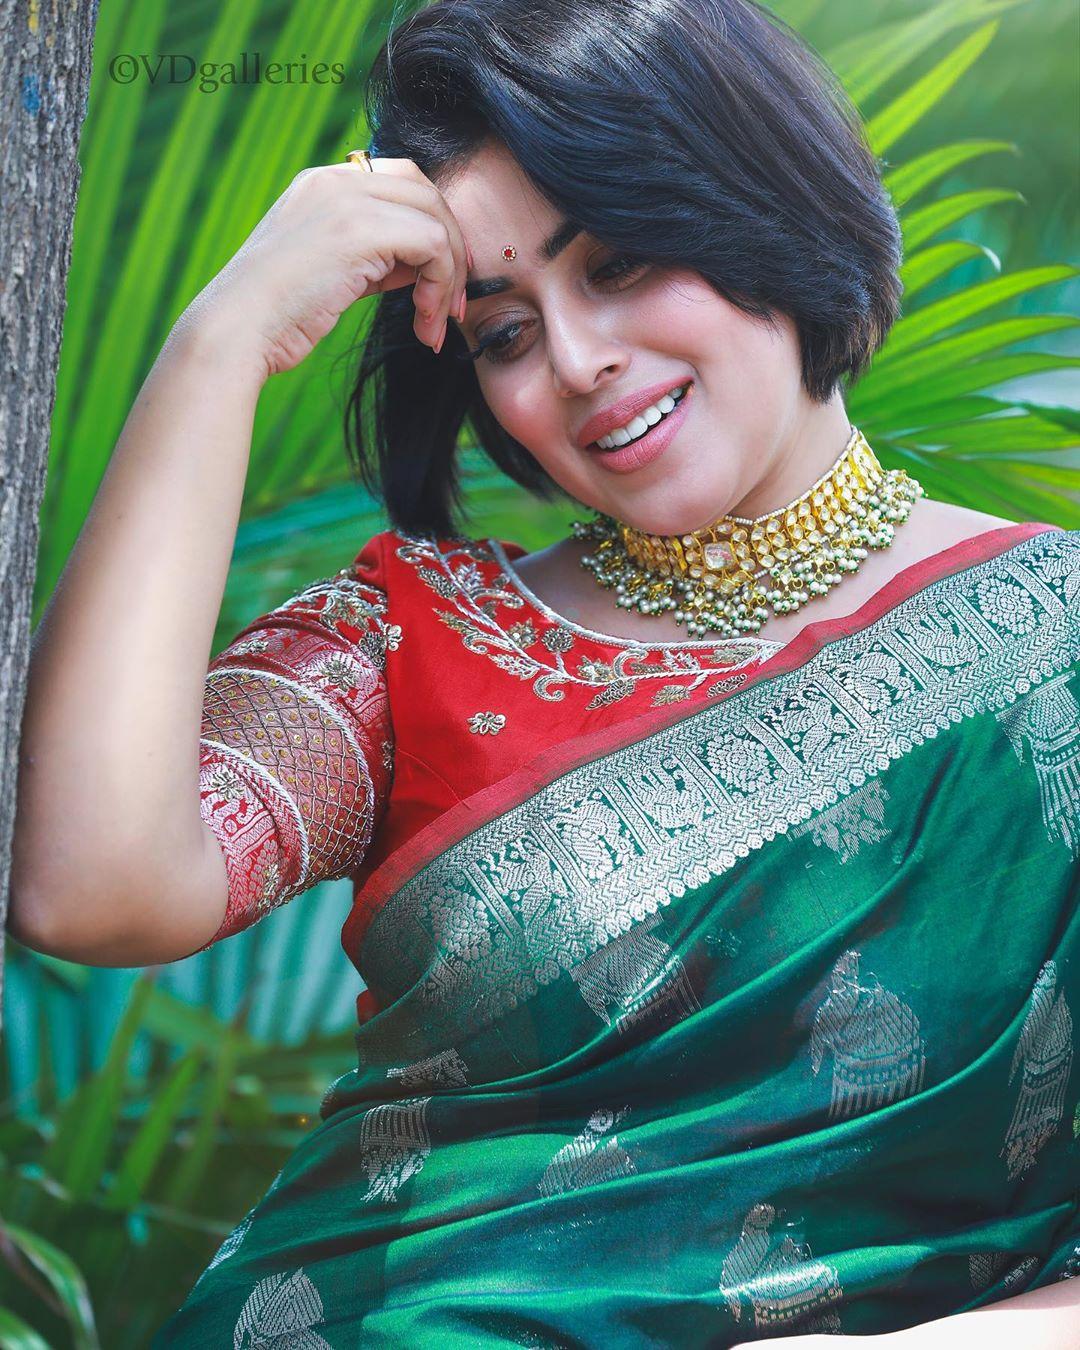 చీరలో అదరగొట్టిన పూర్ణ.. అదిరిపోయిన లేటెస్ట్ ఫోటో షూట్, Photo: Instagram.com/shamnakasim